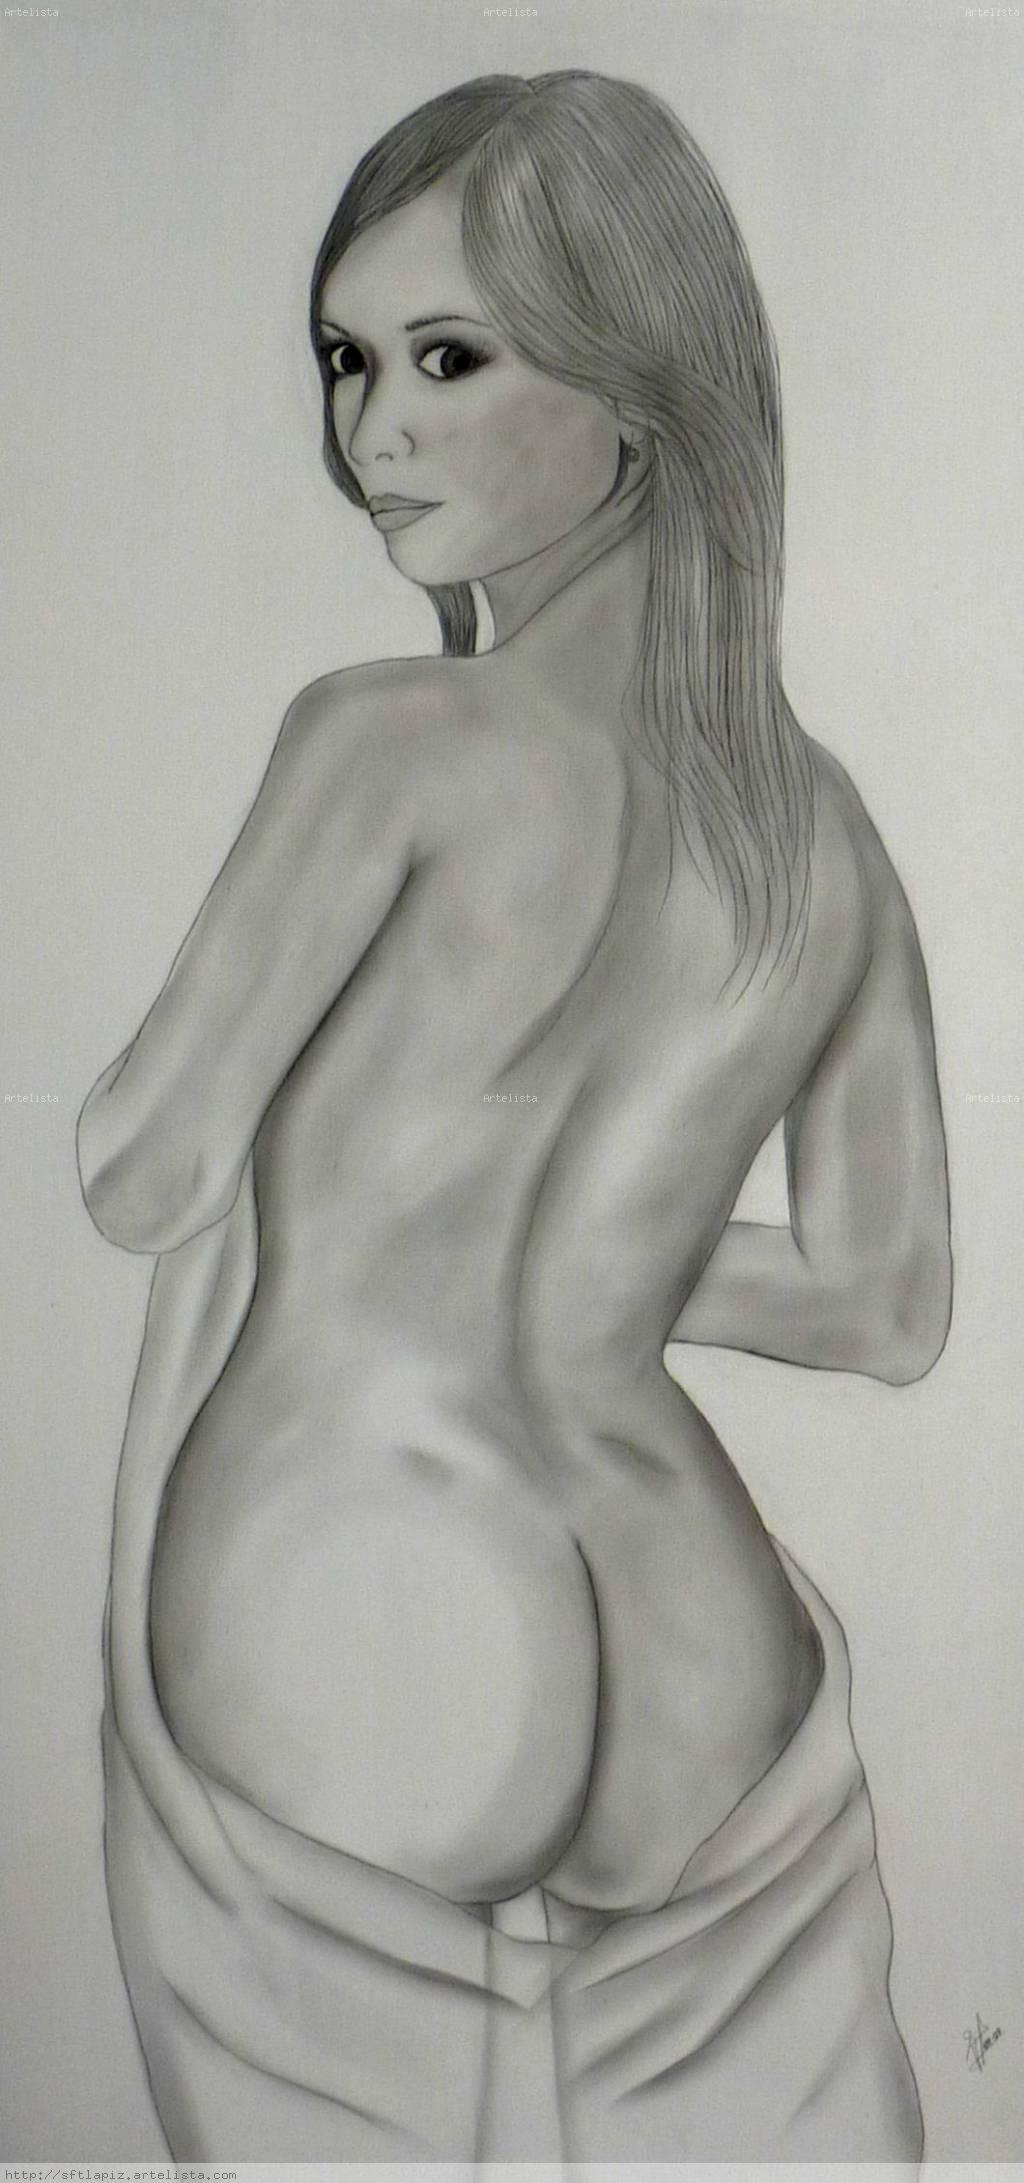 Rueda de tiempo dibujos desnudos